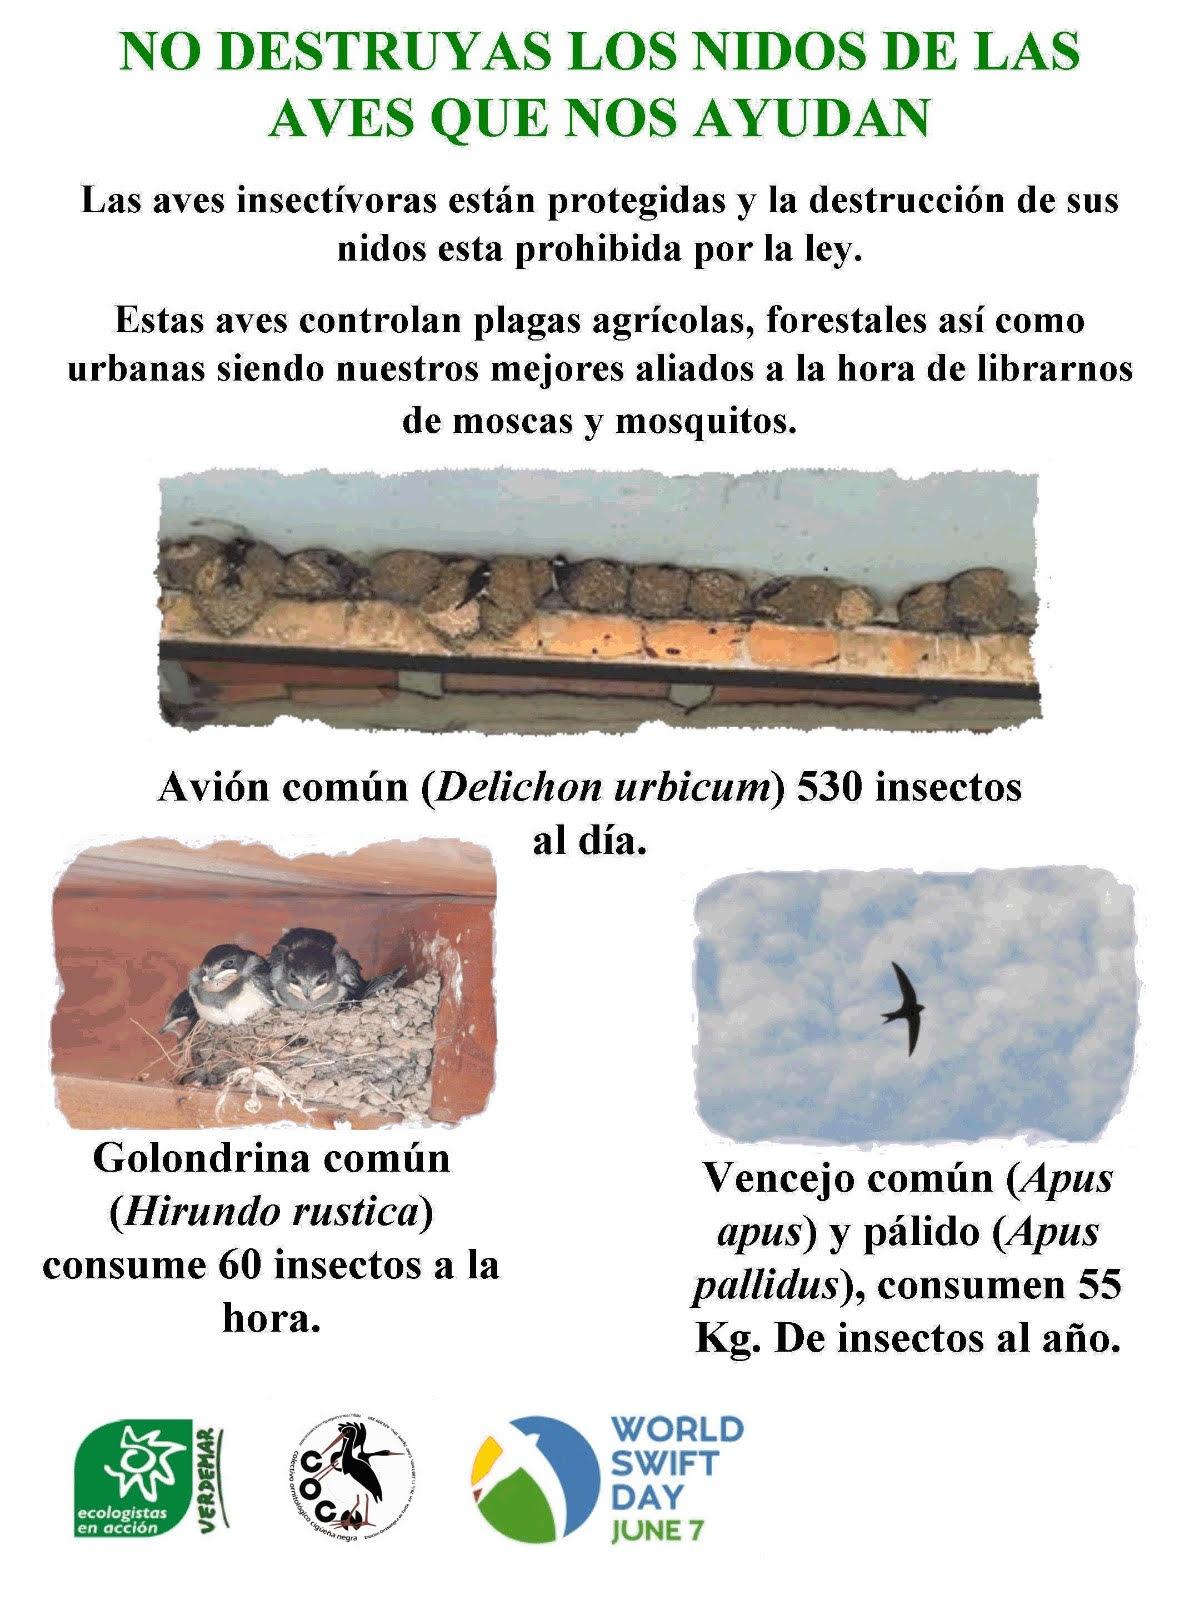 Cartel de la campaña de Verdemar-Ecologistas en Acción (EEA) y el Colectivo Ornitológico Cigüeña Negra (COCN) para proteger los nidos de aves insectívoras en la ciudad